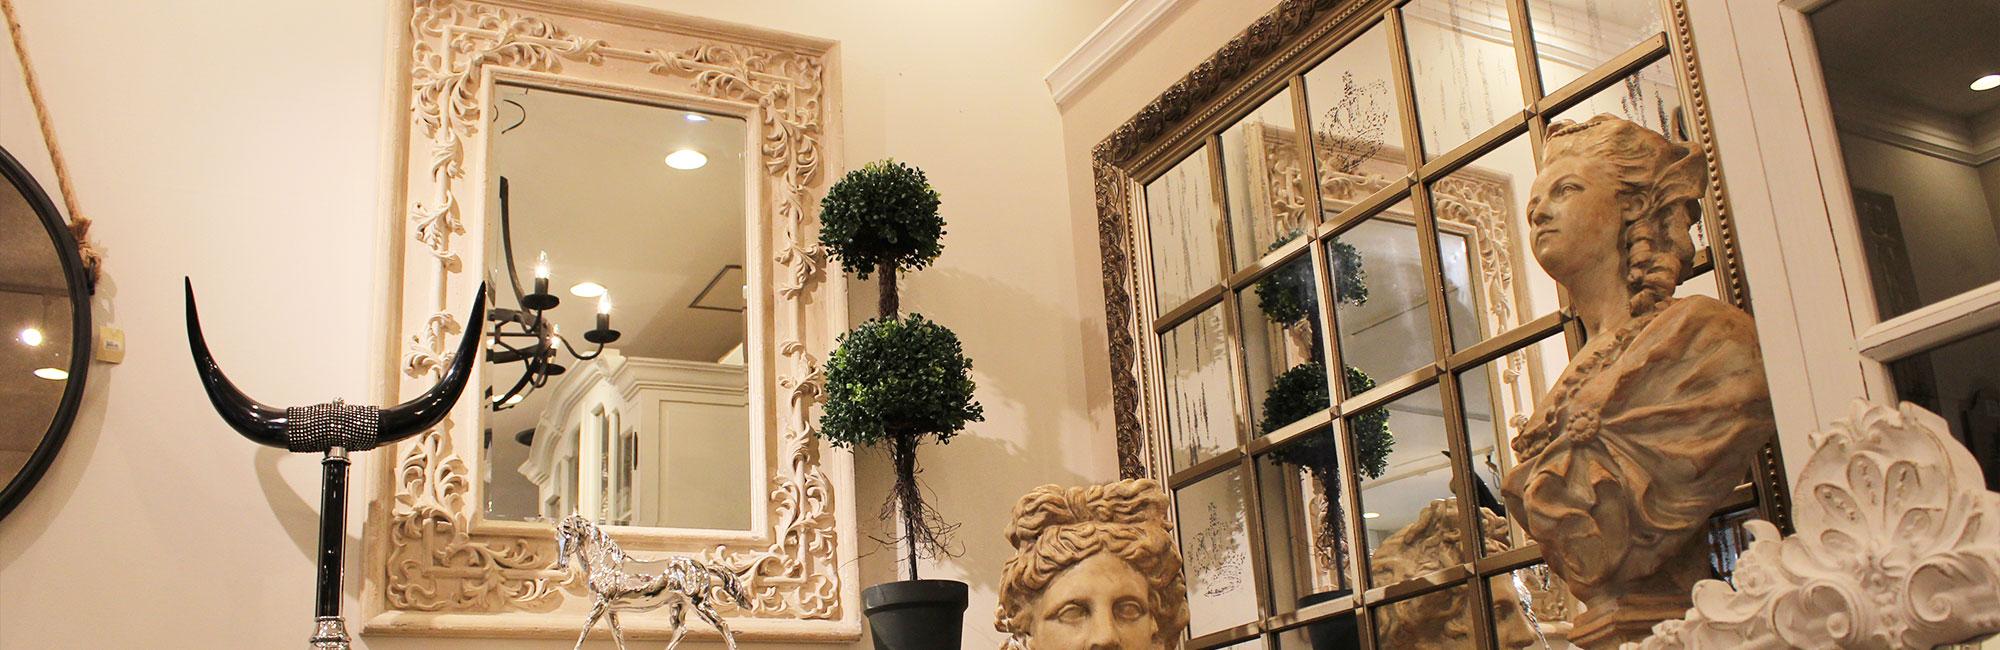 Alex Home Decorでは店舗什器などこだわり抜いたデザインを豊富に取り揃えています。